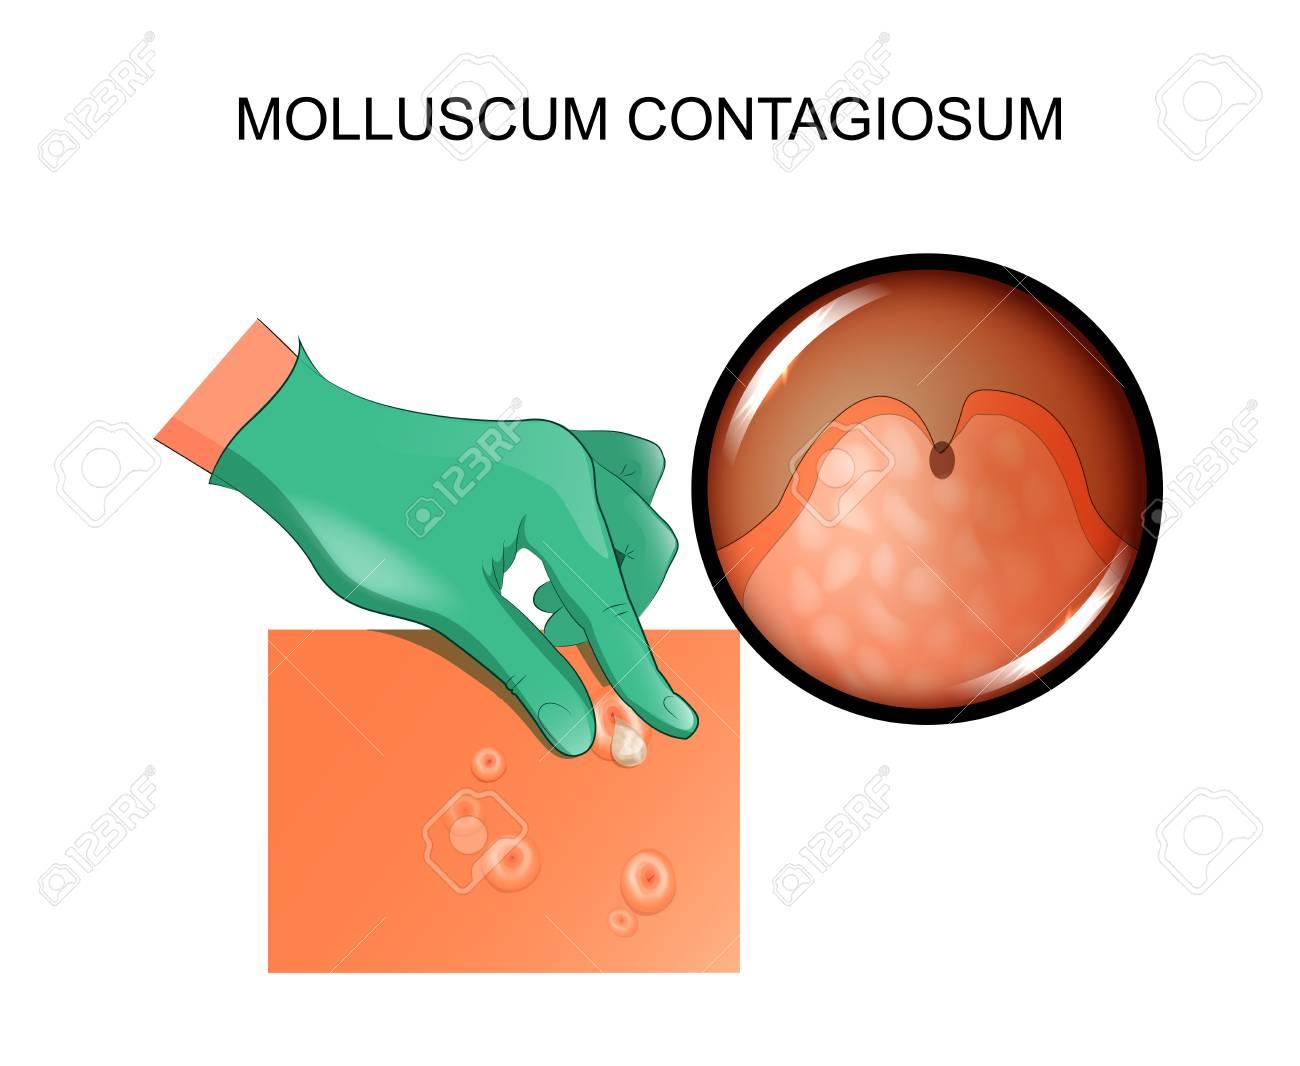 Ilustración Vectorial Del Molusco Contagioso. Infección De La Piel ...